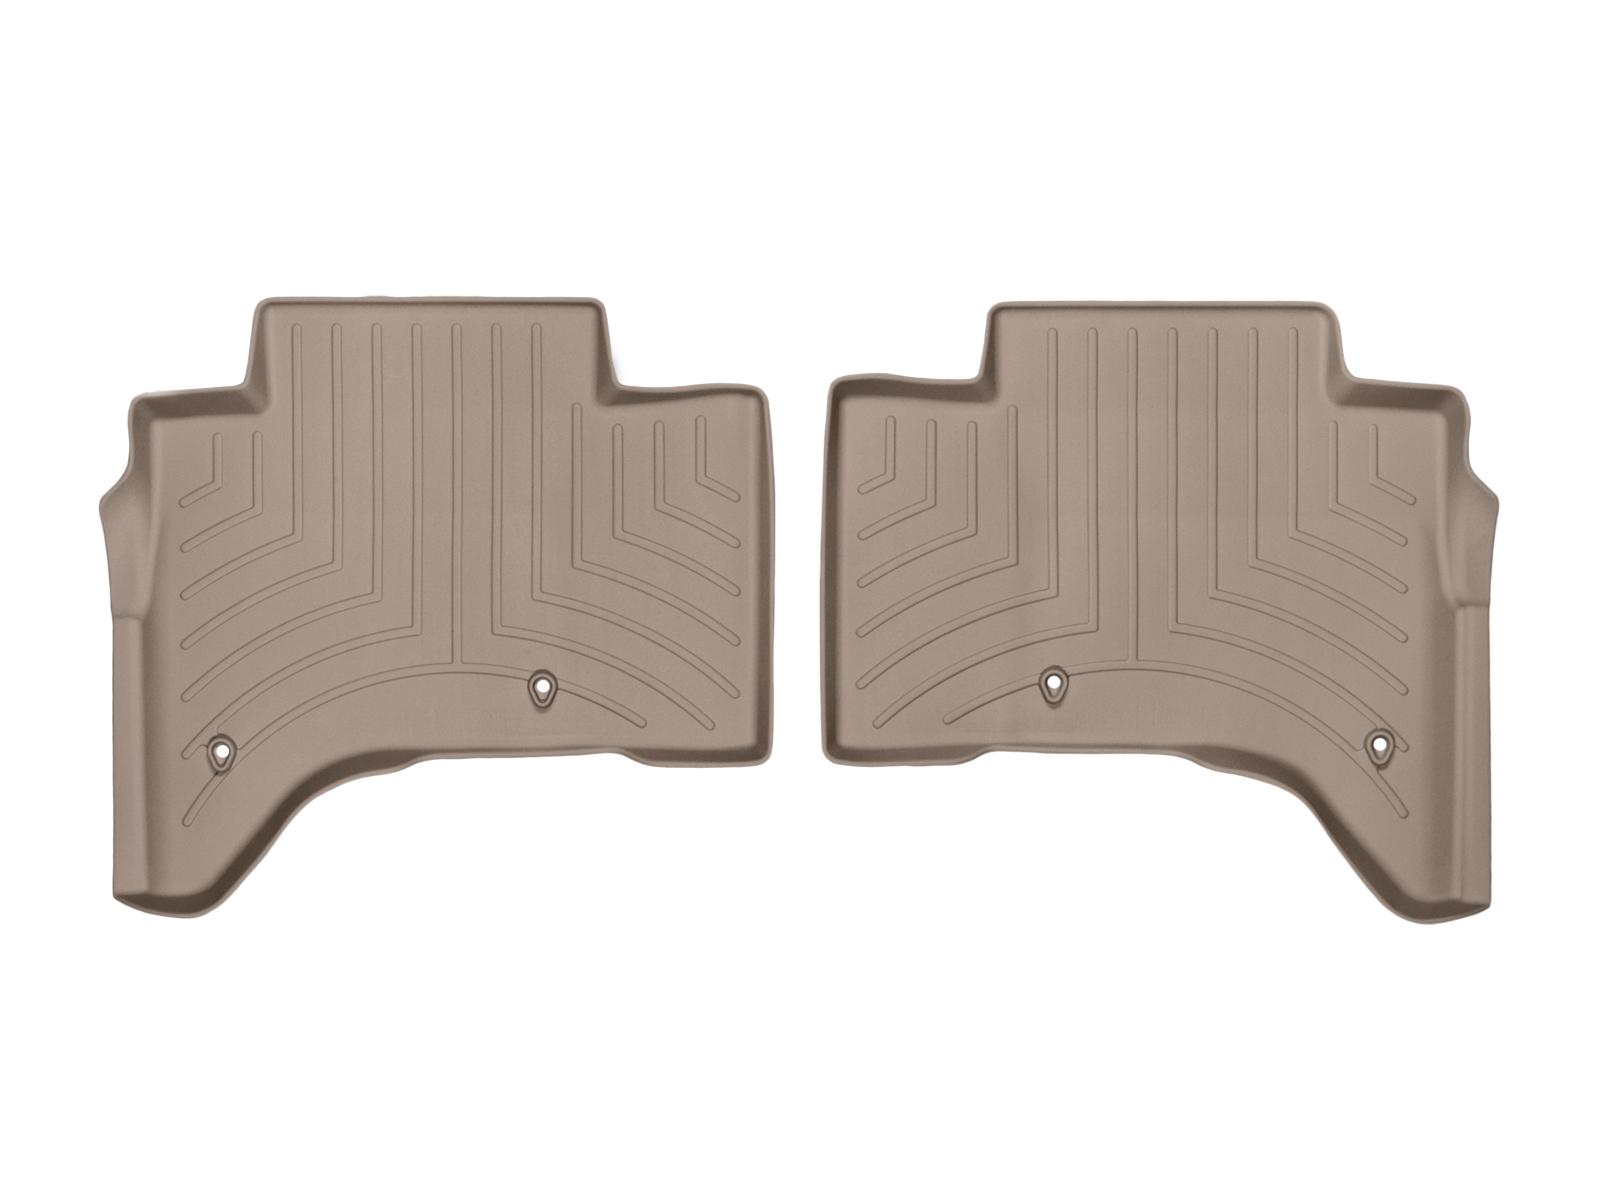 Tappeti gomma su misura bordo alto Land Rover 13>17 Marrone A1985*